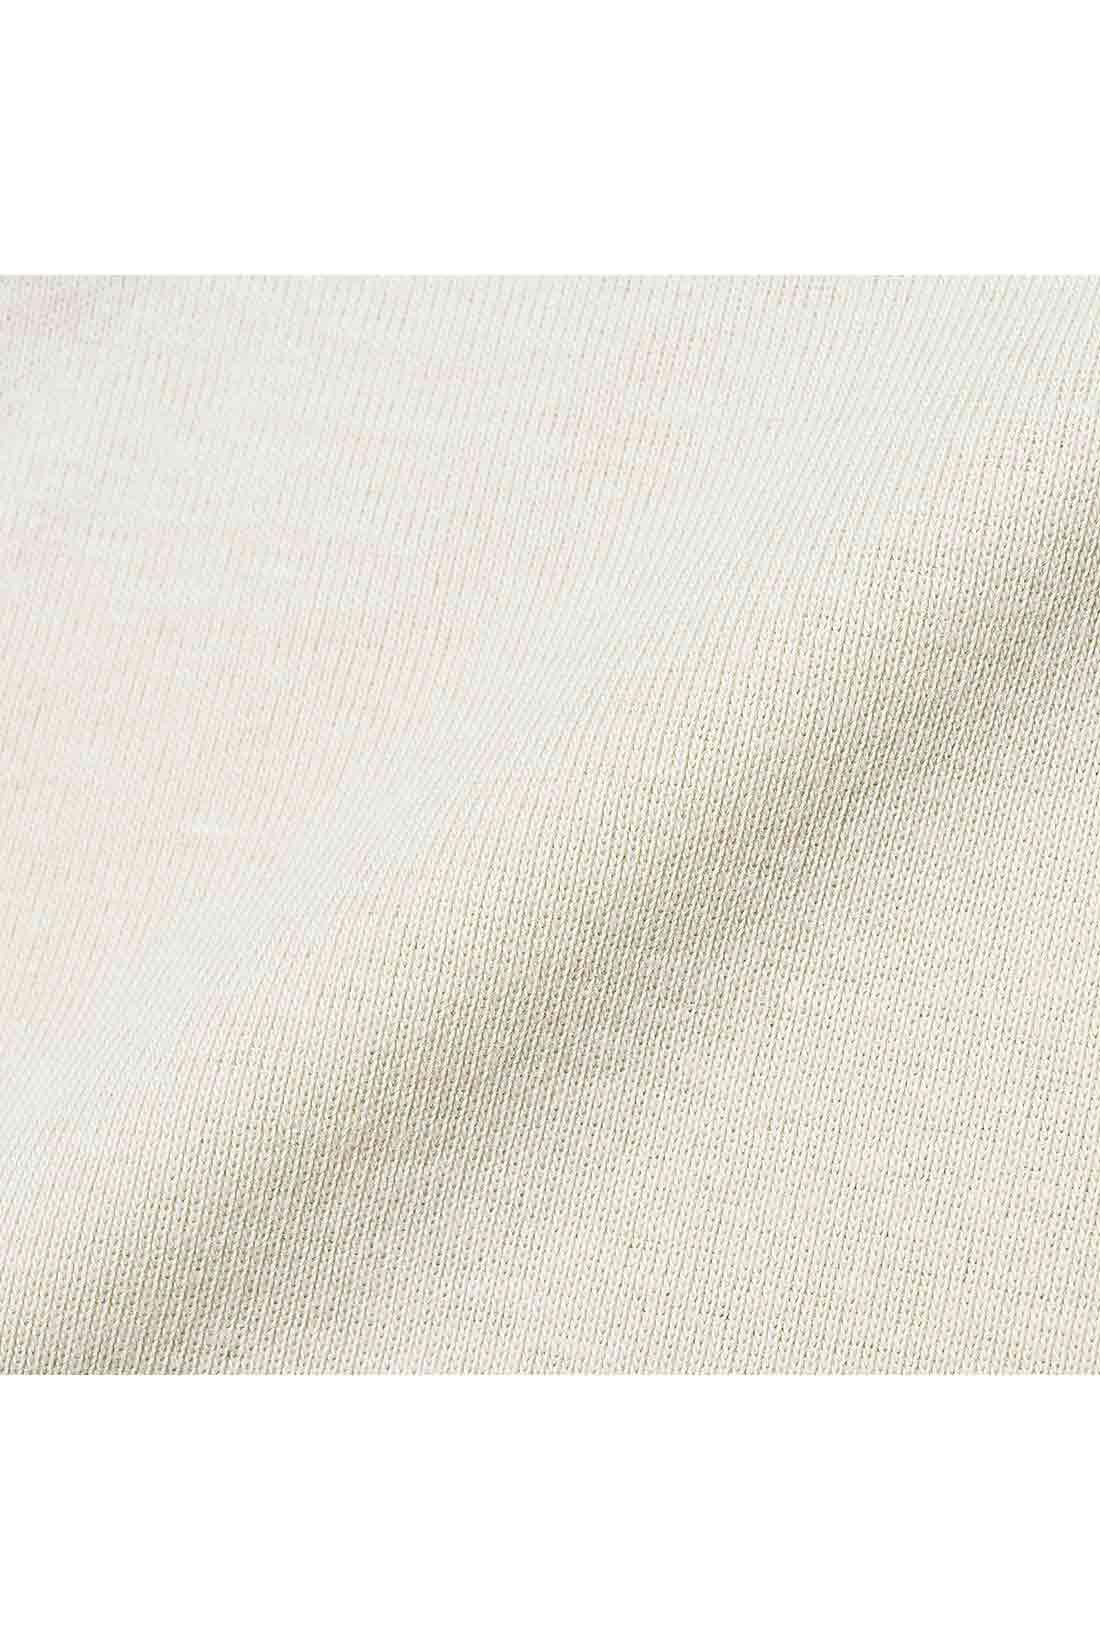 やさしくて肌ざわりのいい微起毛綿フライス 肌に当たる内側部分を微起毛させた綿フライスは、ふんわりやわらかでやさしい着心地。